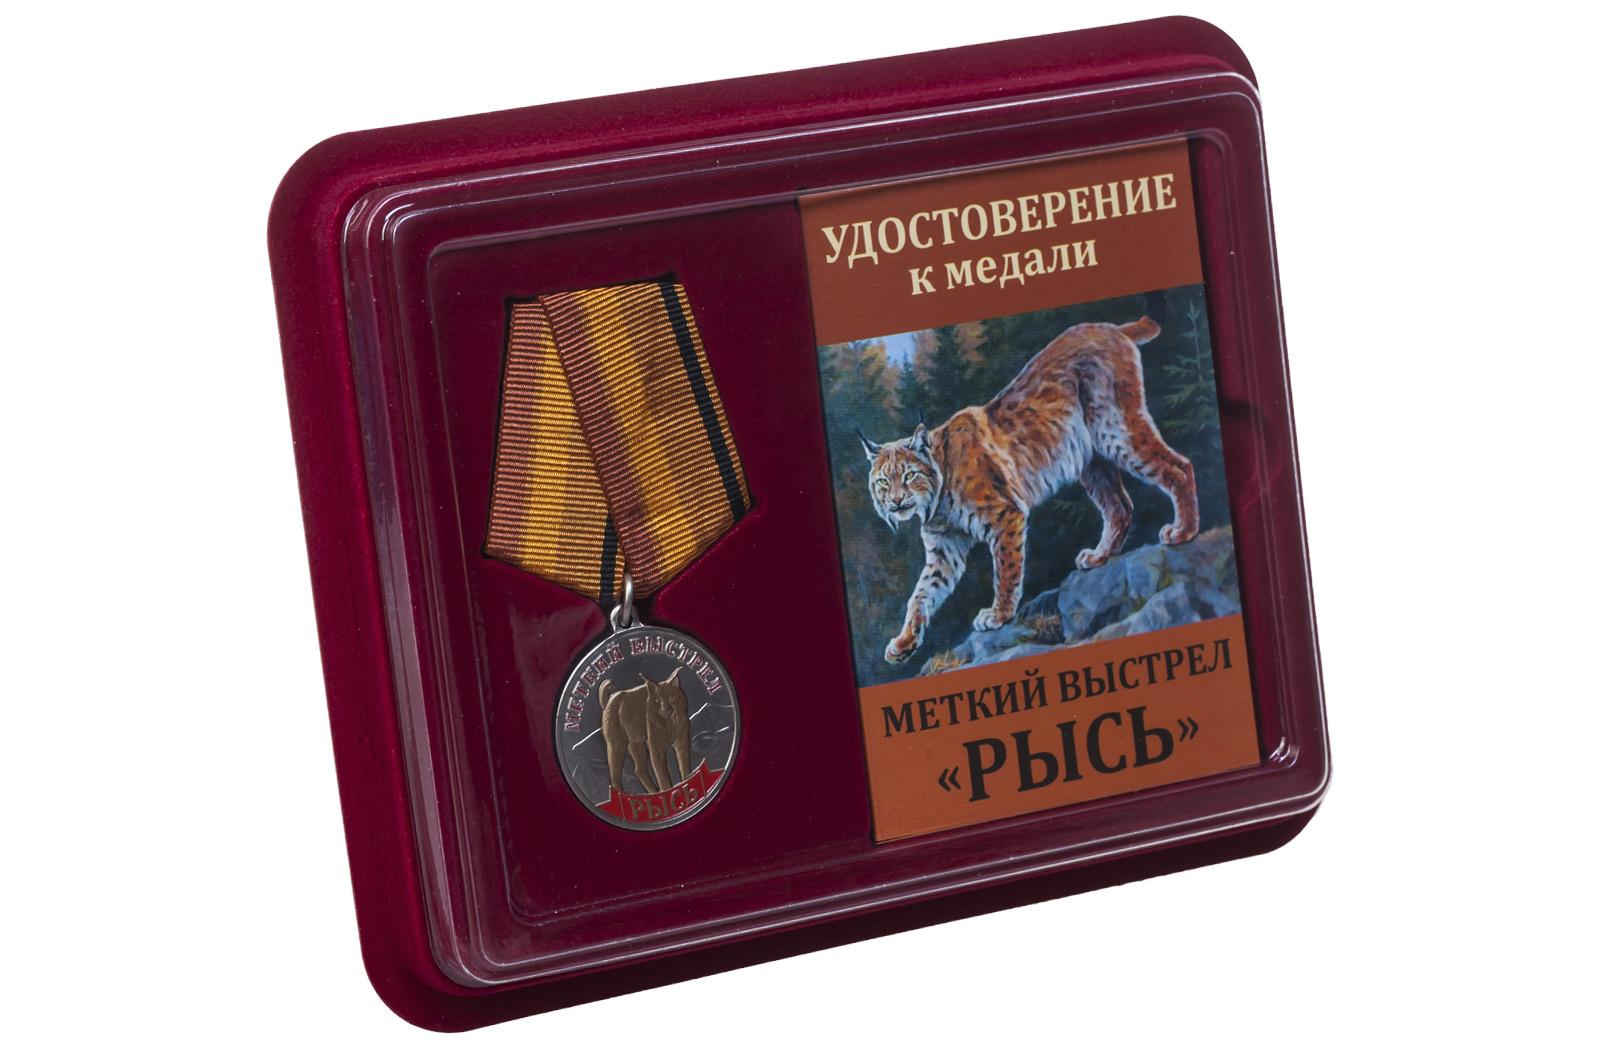 Медаль Меткий выстрел Рысь - в футляре с удостоверением